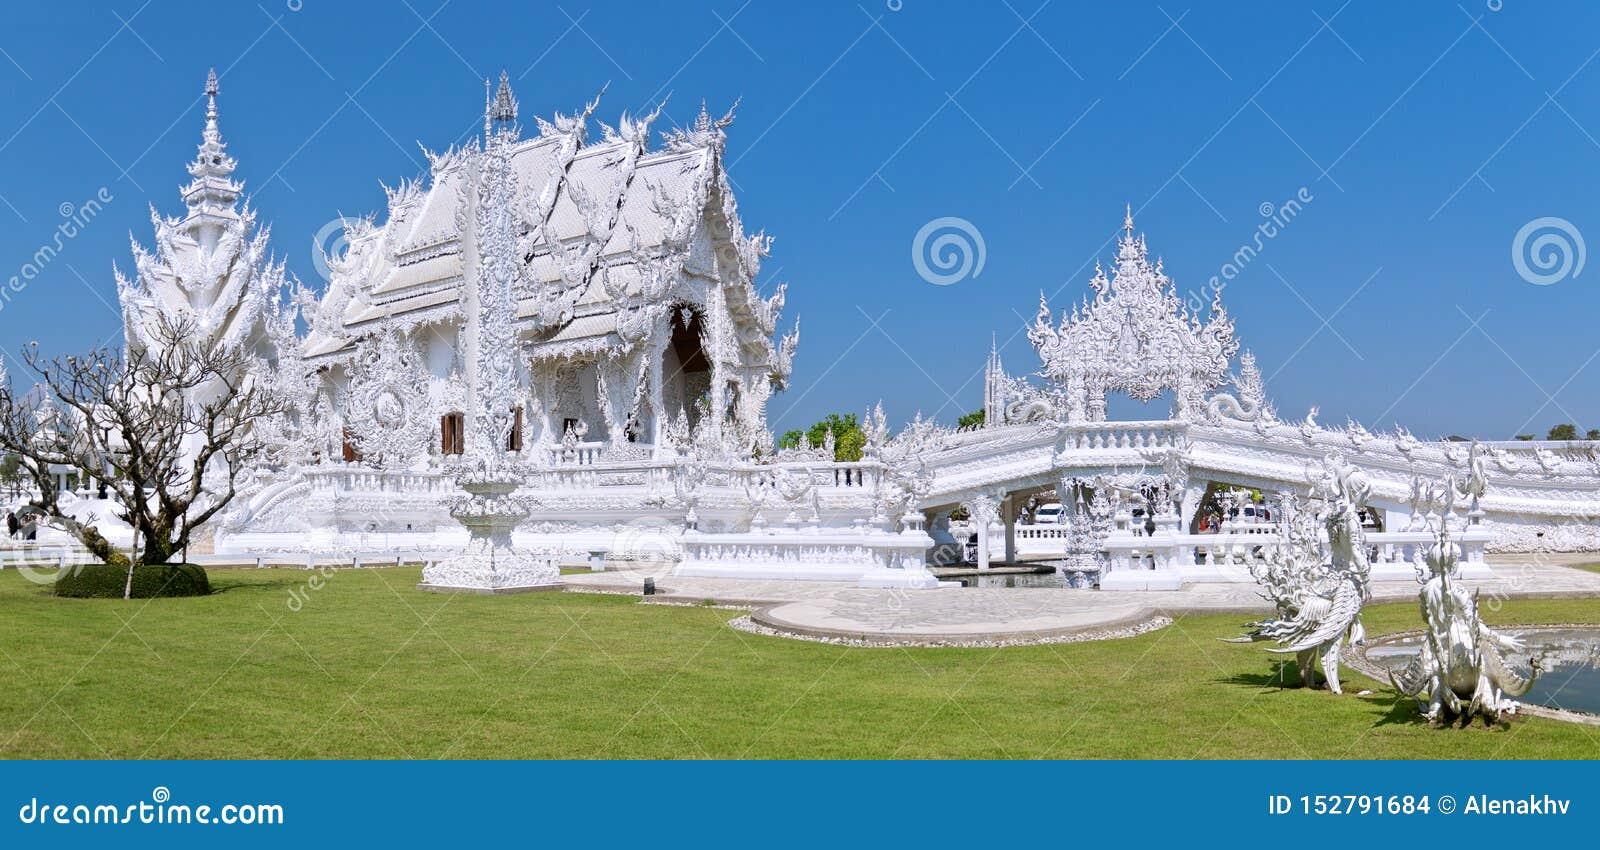 Panoramautsikt av den berömda fantastiska vita buddistiska templet mot den blåa molnfria himlen